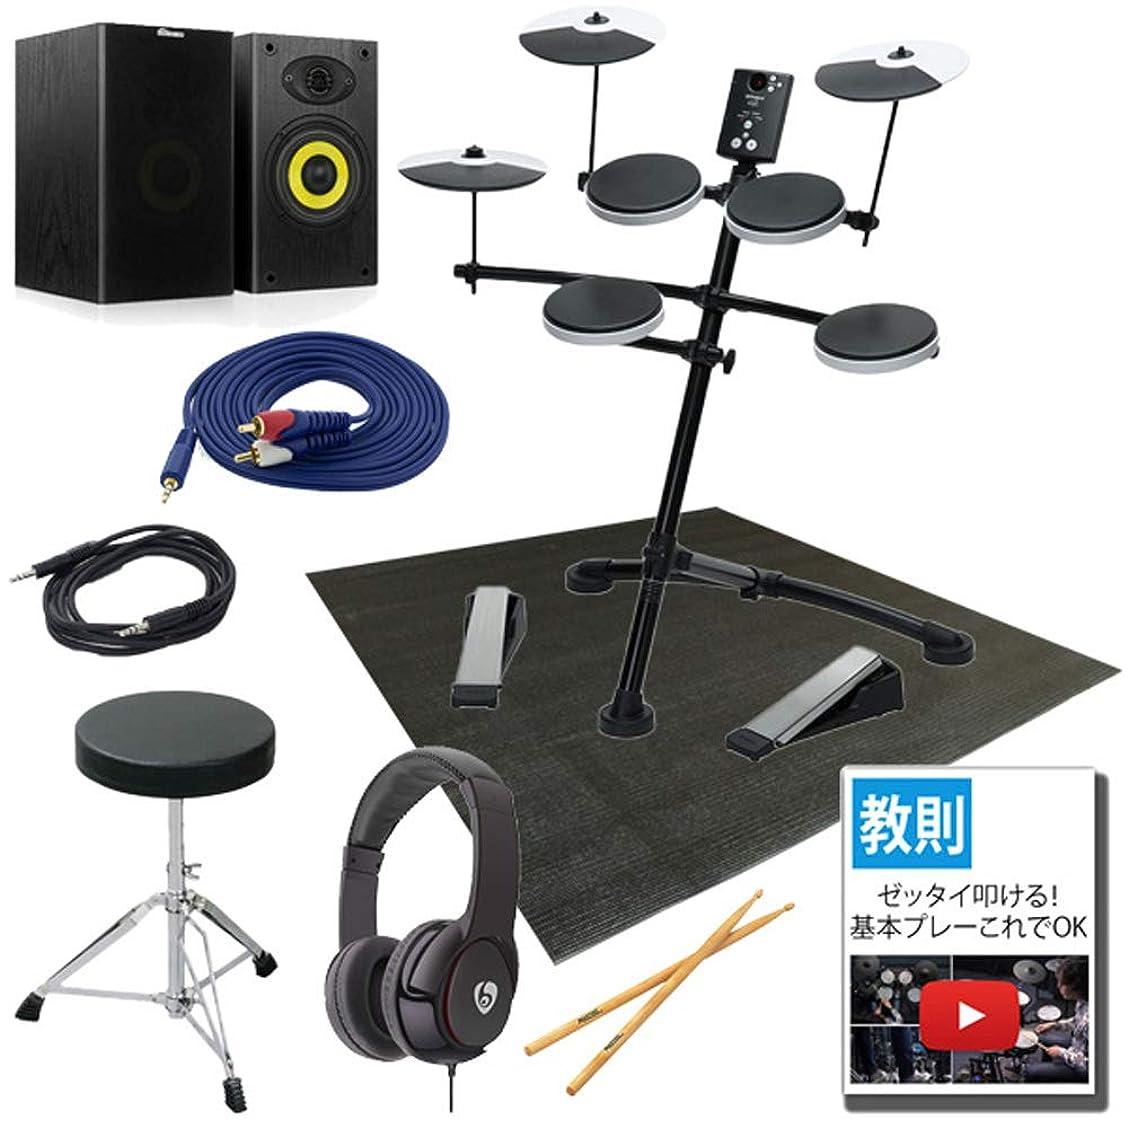 未亡人メディア債権者Roland(ローランド) / TD-1K 電子ドラム 初心者セットB V-Drums Kit